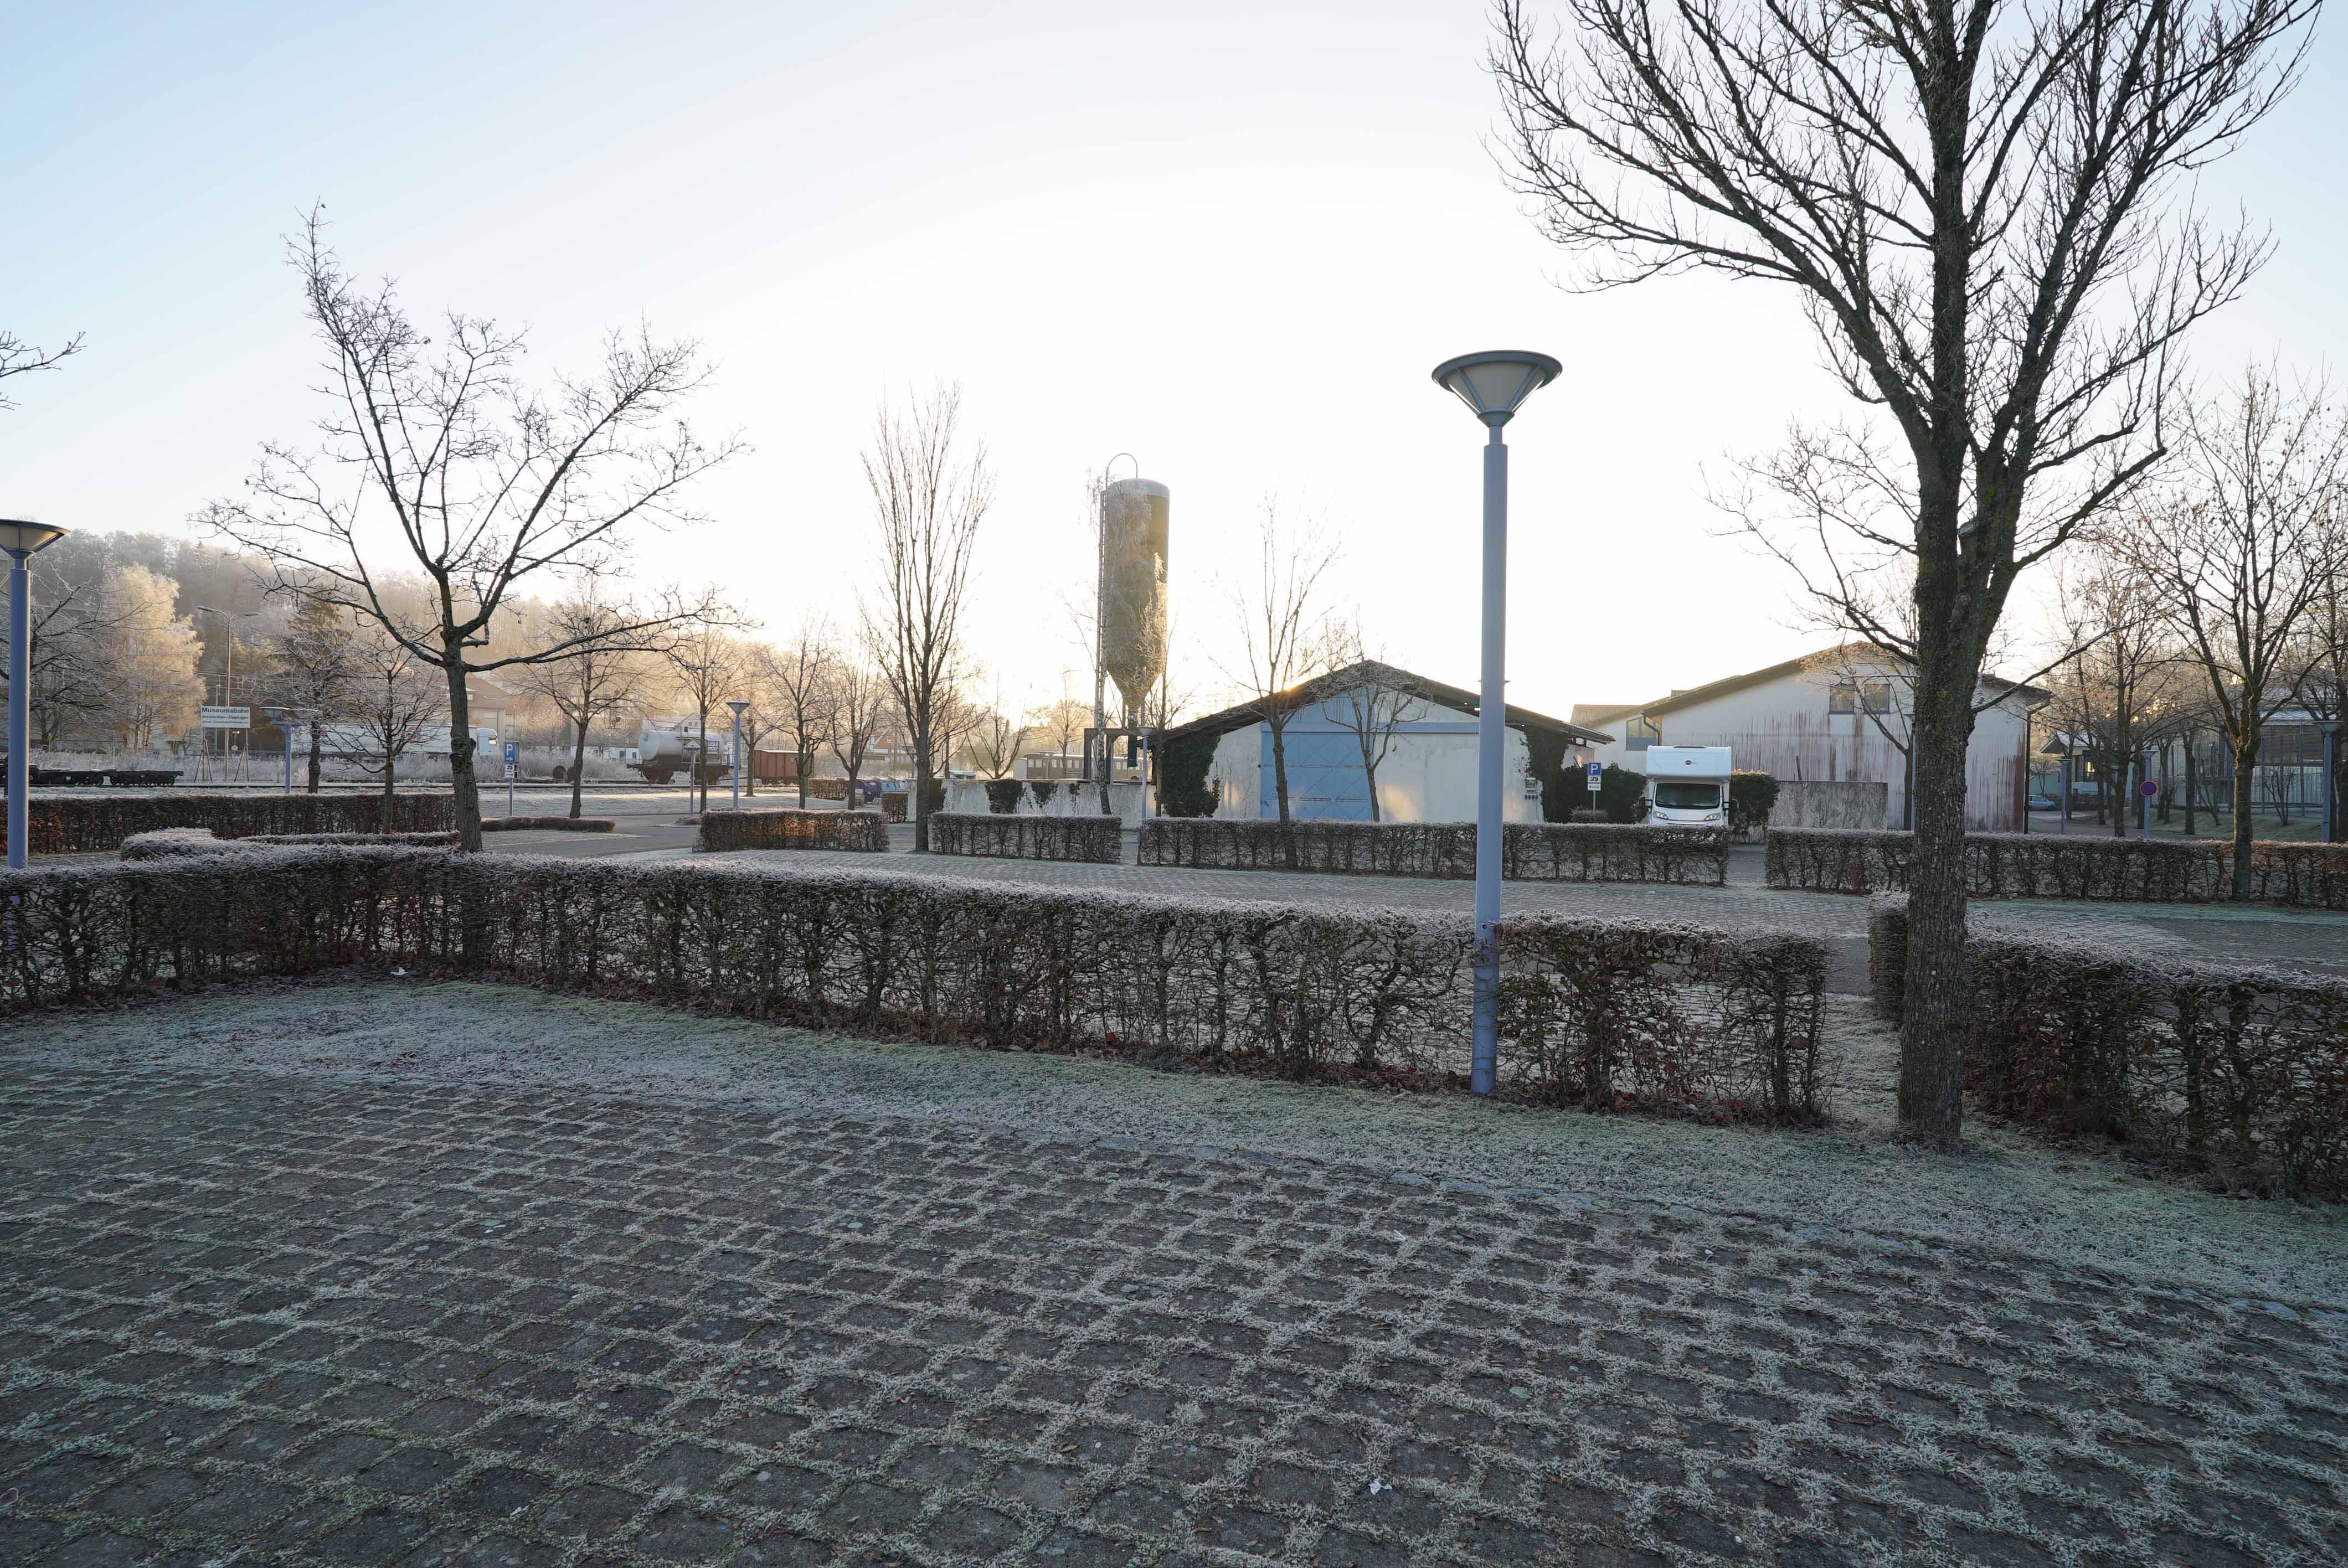 Wohnmobilparkplatz Amstetten02